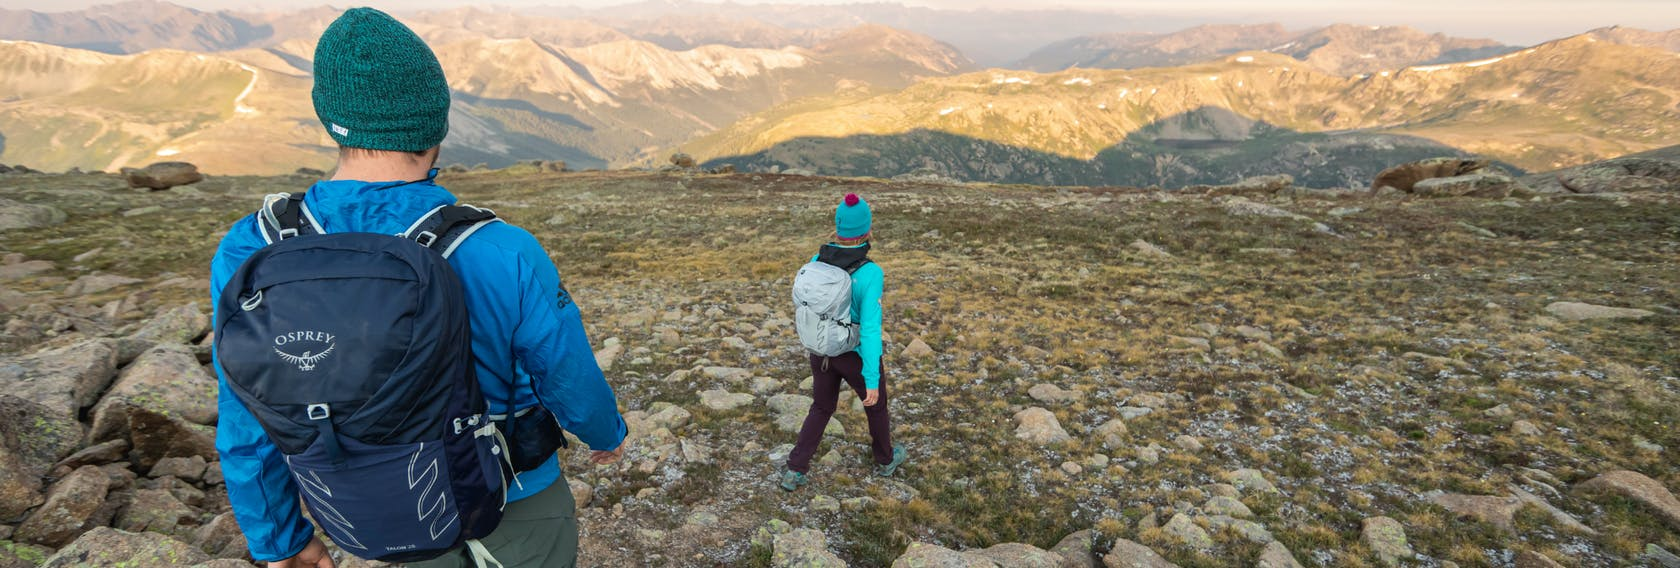 Osprey Rucksäcke zum Wandern und Klettern